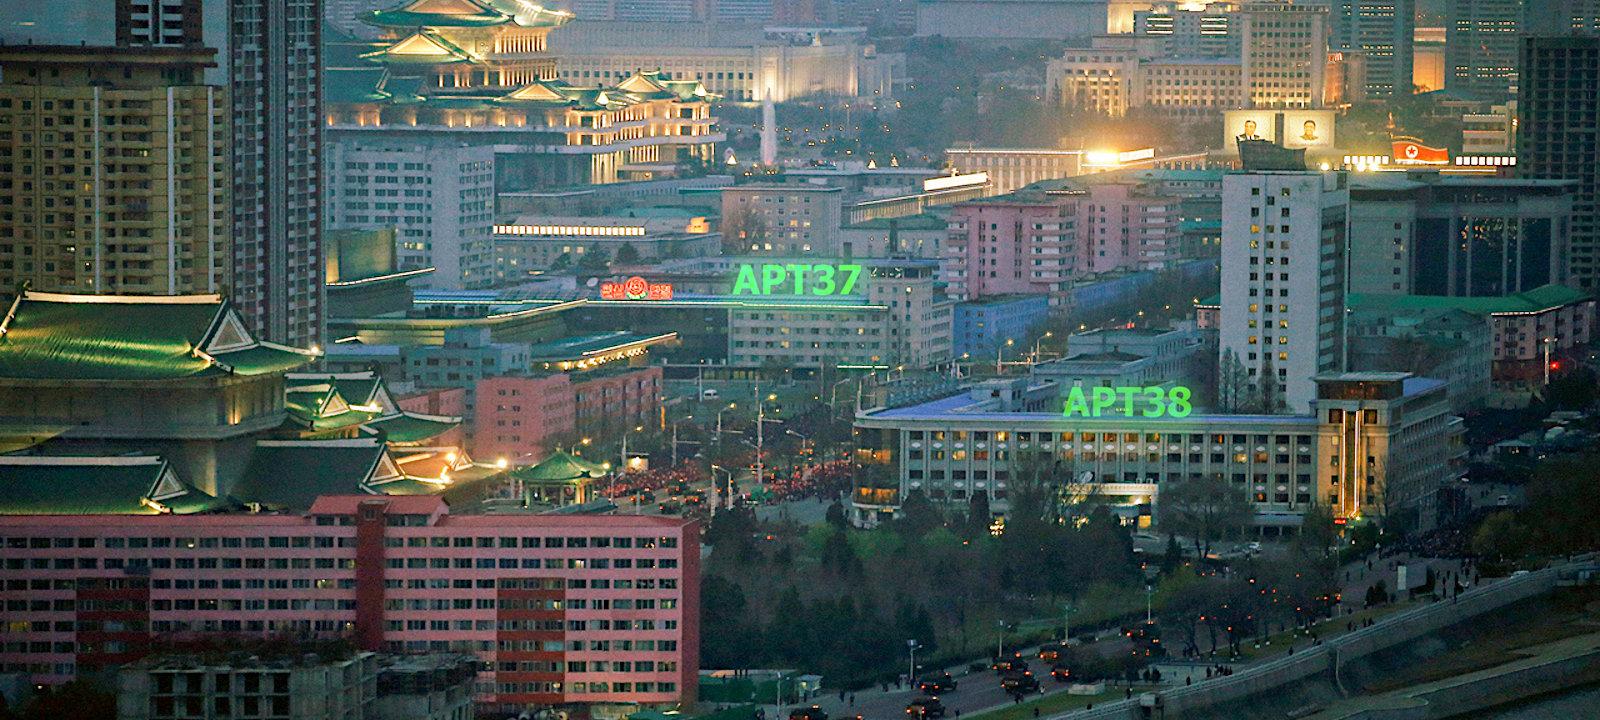 Электронная армия Пхеньяна. Как действуют северокорейские хакеры